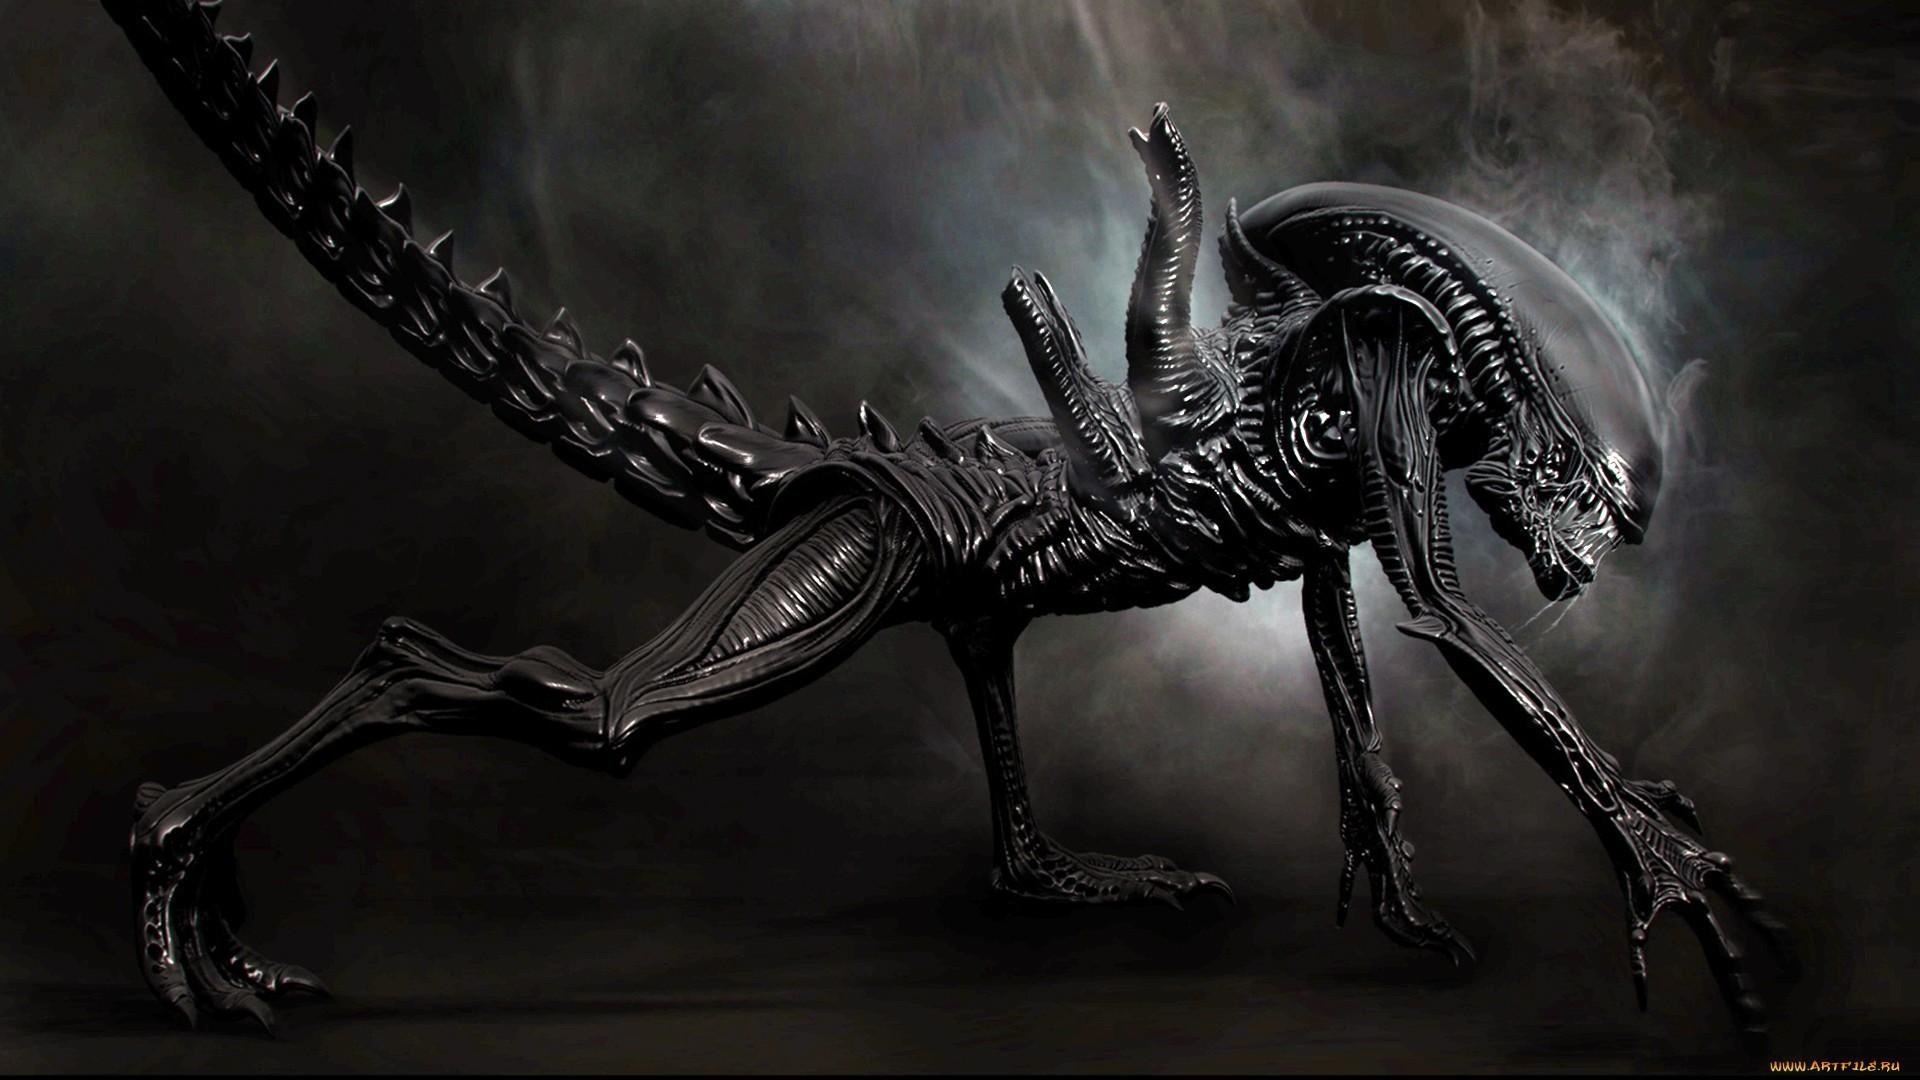 1920x1080 Science-Fiction - Alien Wallpaper